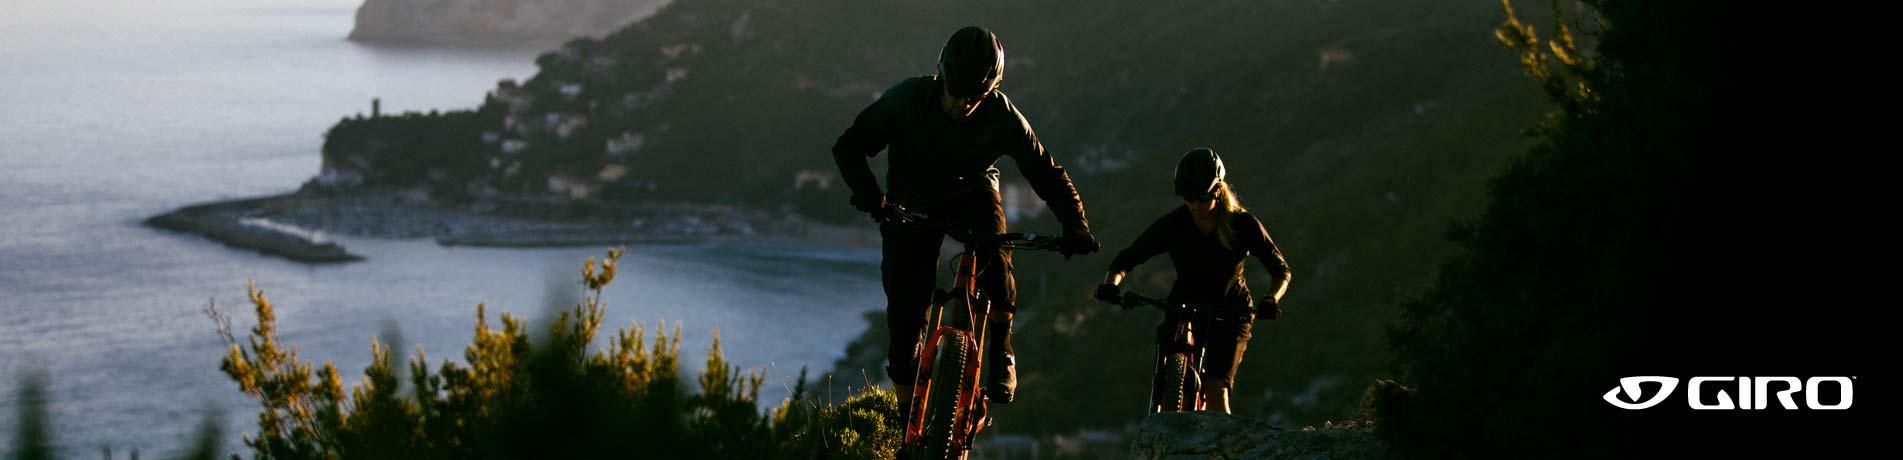 Giro Bike Helmets